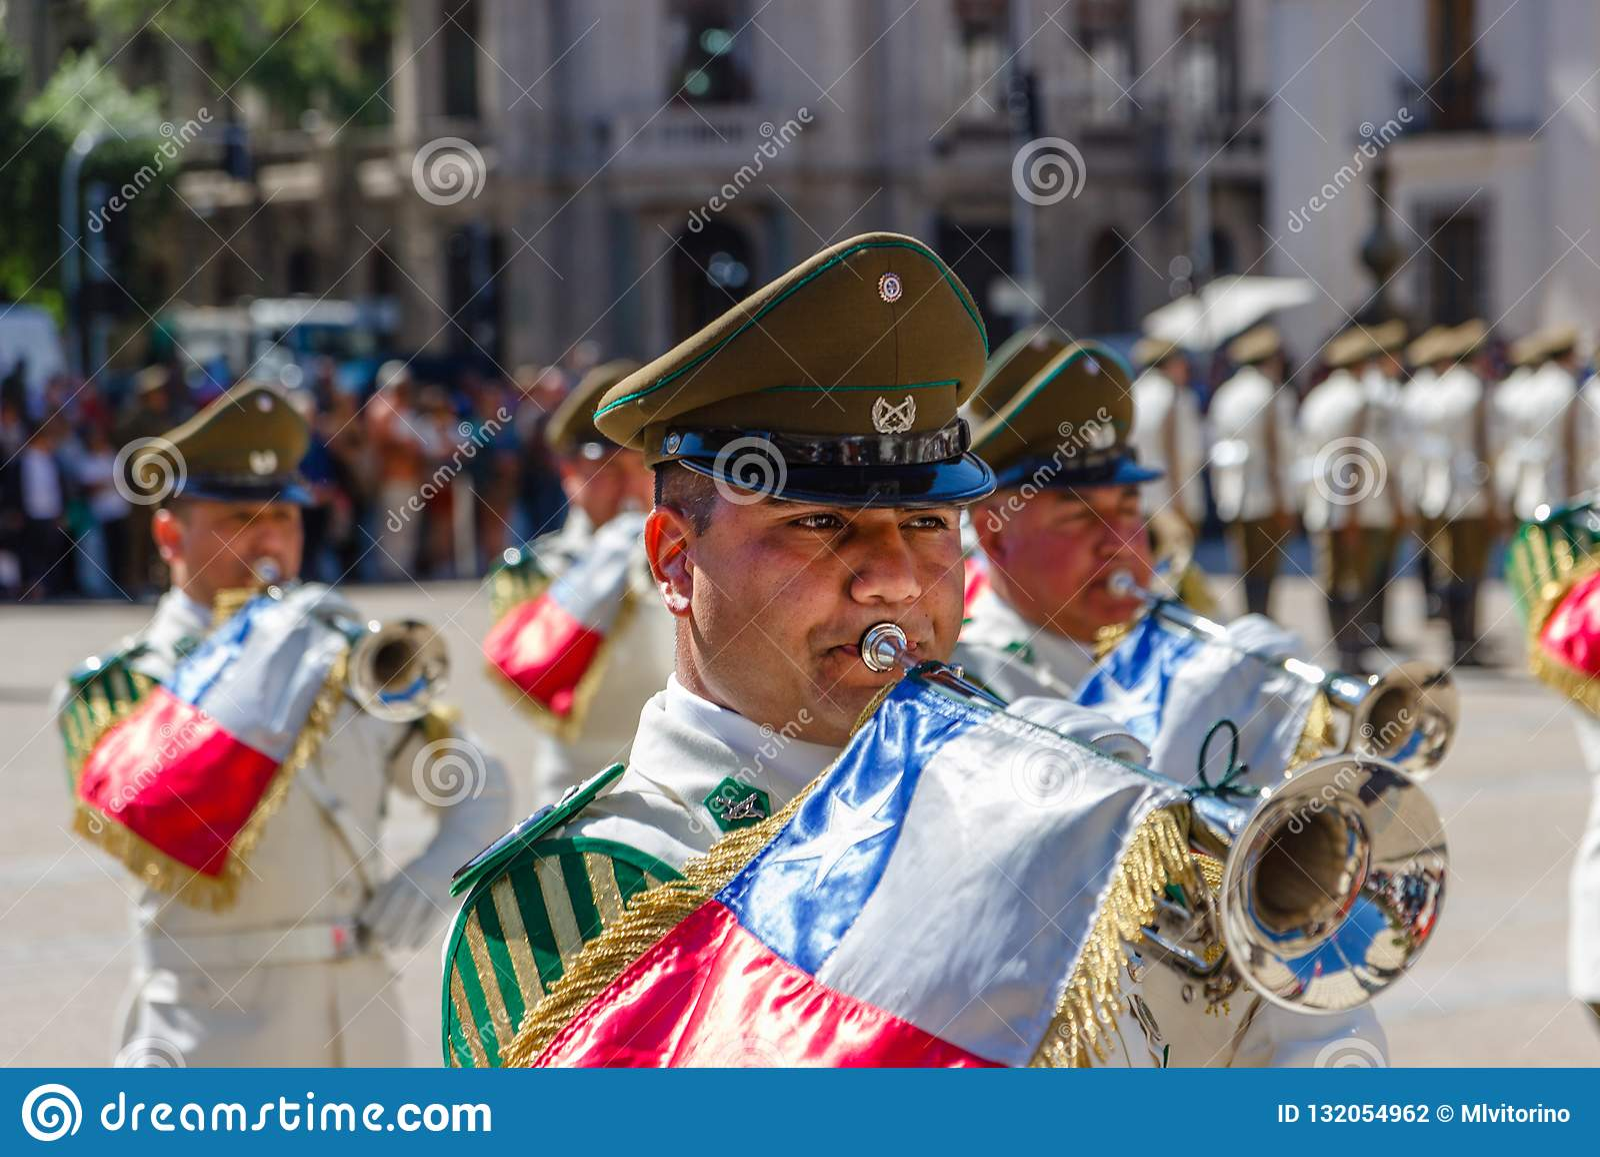 SANTIAGO, CHILI - 5 novembre : Canabineros jouant la trompette au changement de cérémonial de la garde chez Palacio de la Moneda